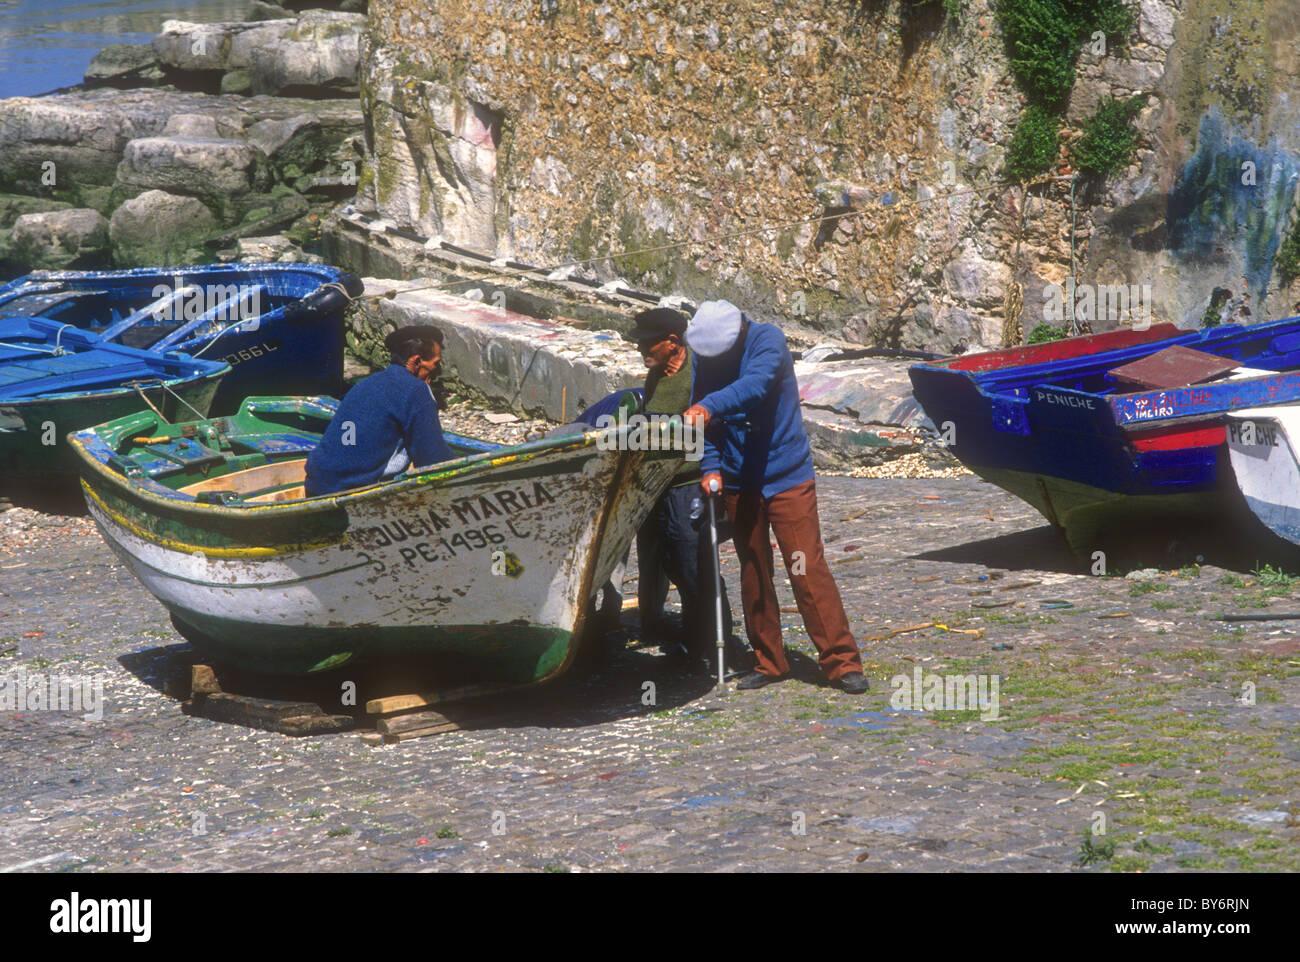 Peniche Portugal - Stock Image